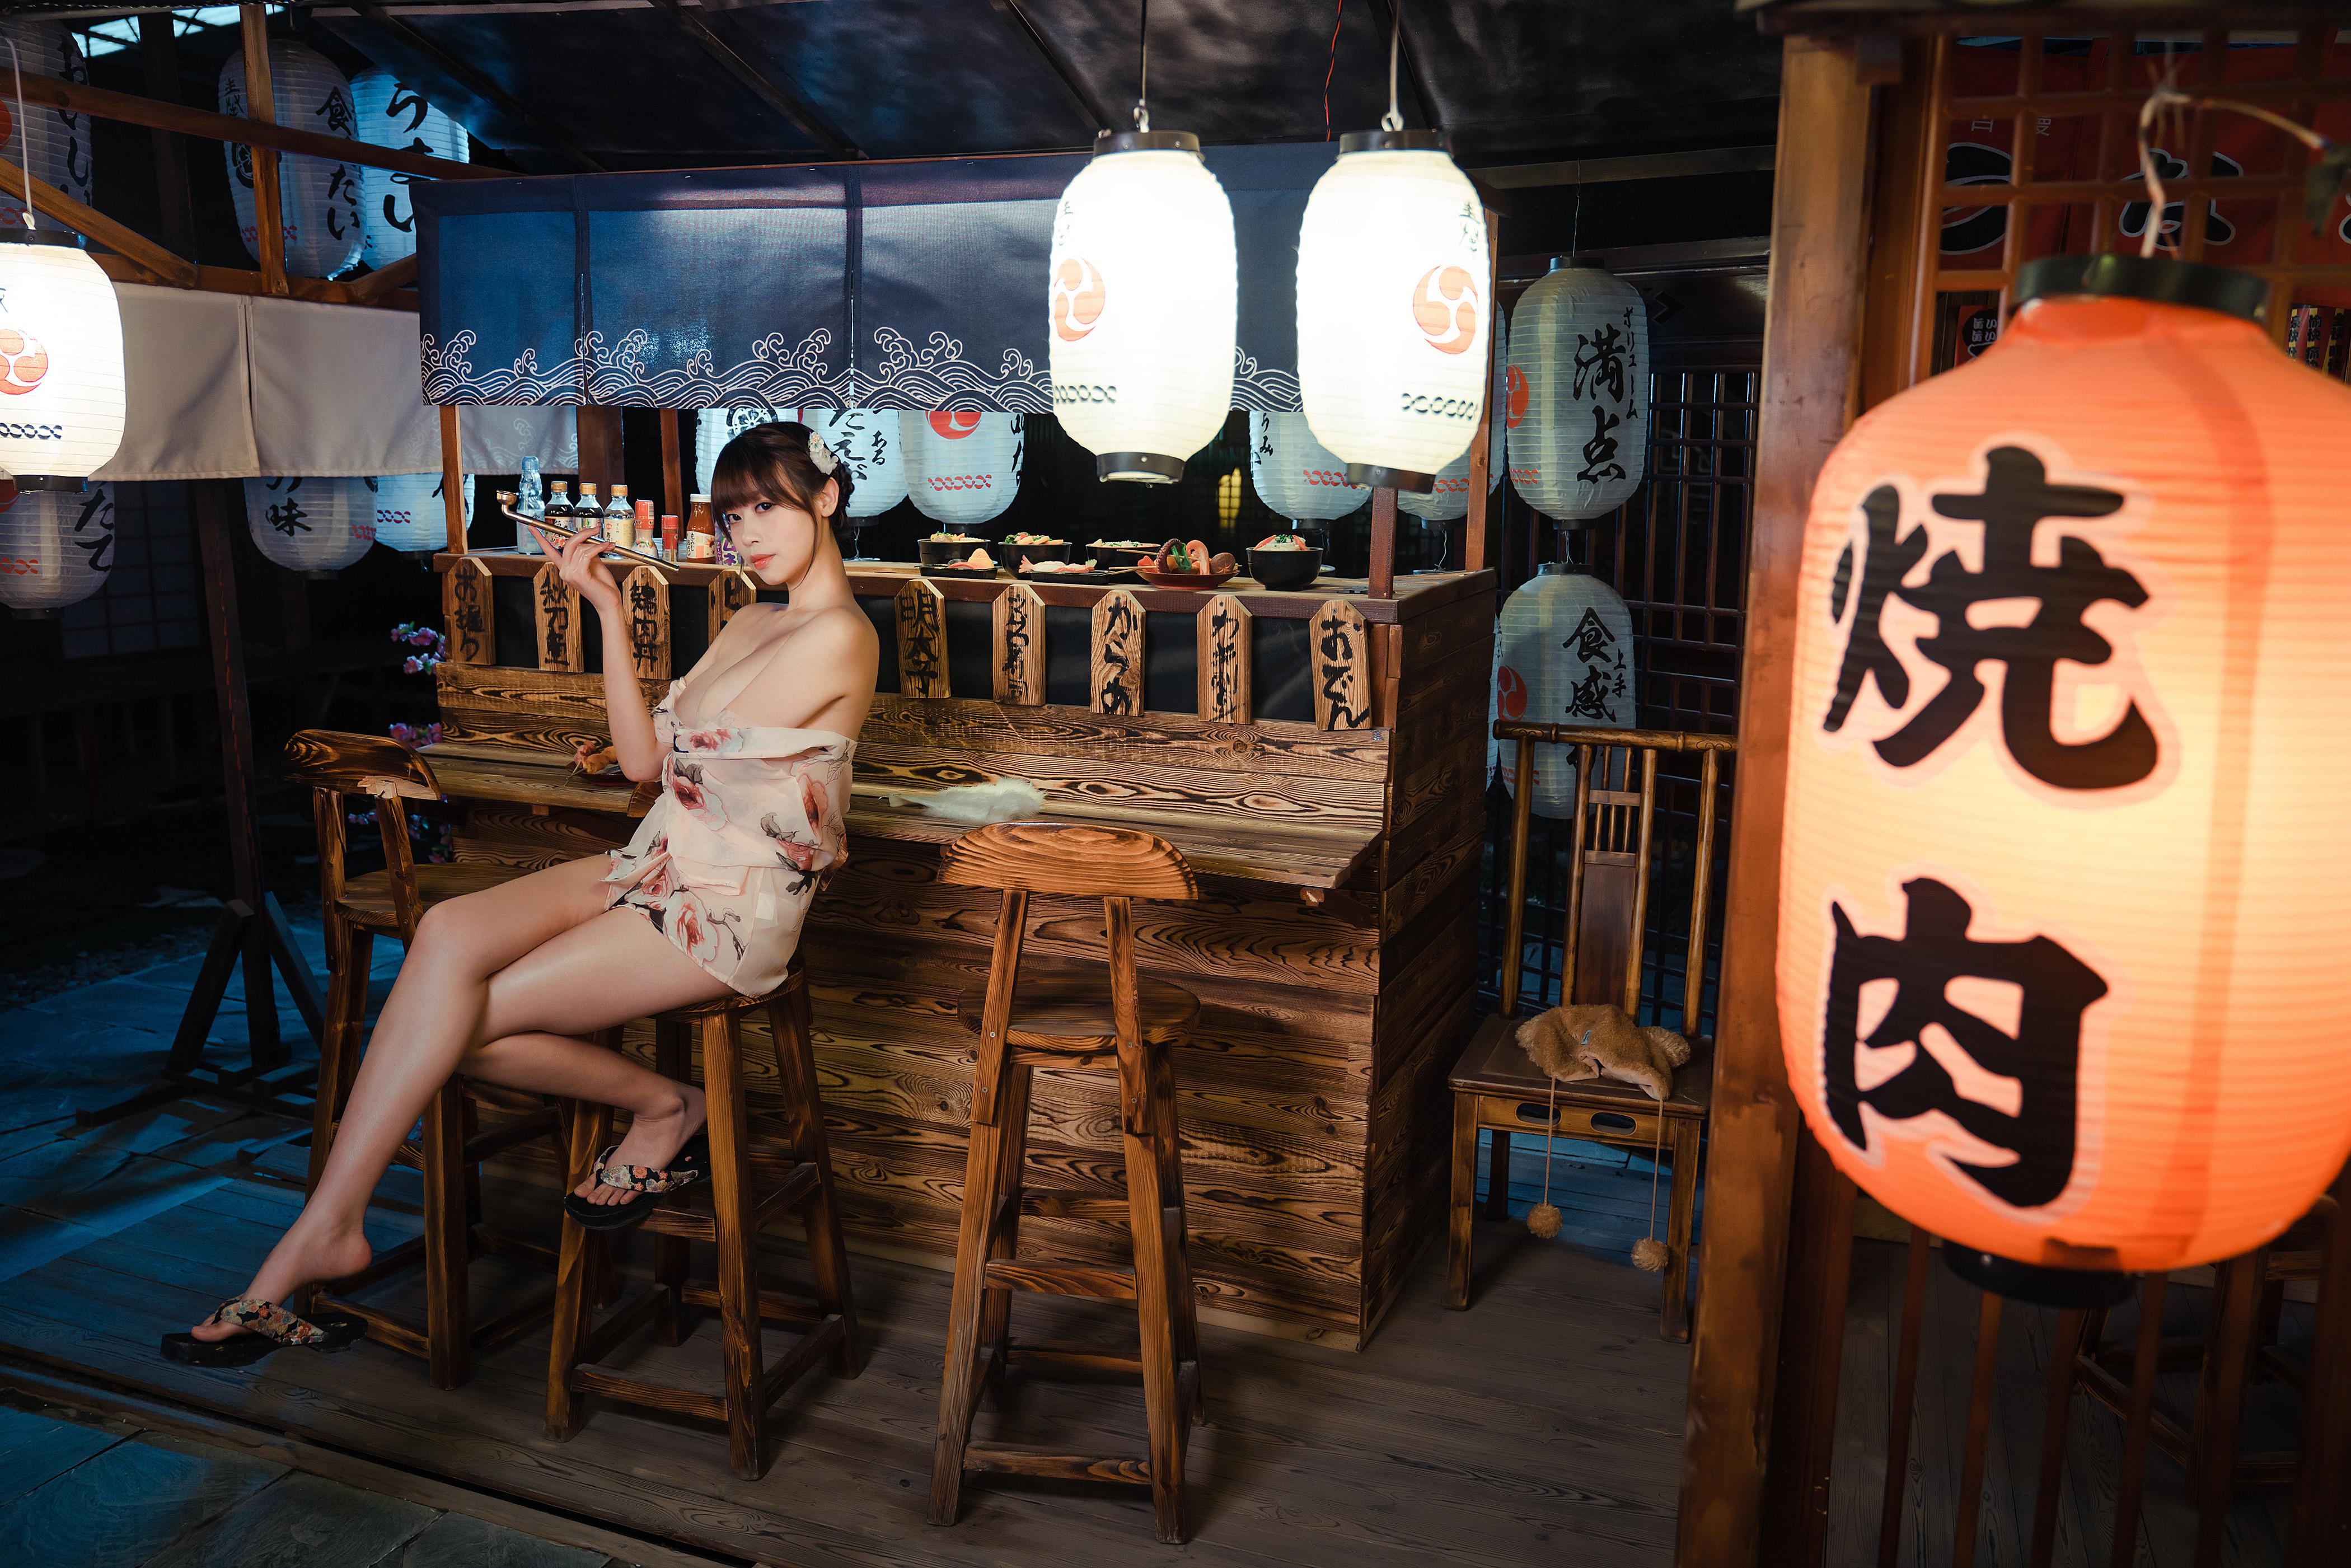 奈汐酱nice 老板娘4.0 私房写真作品在线看-觅爱图